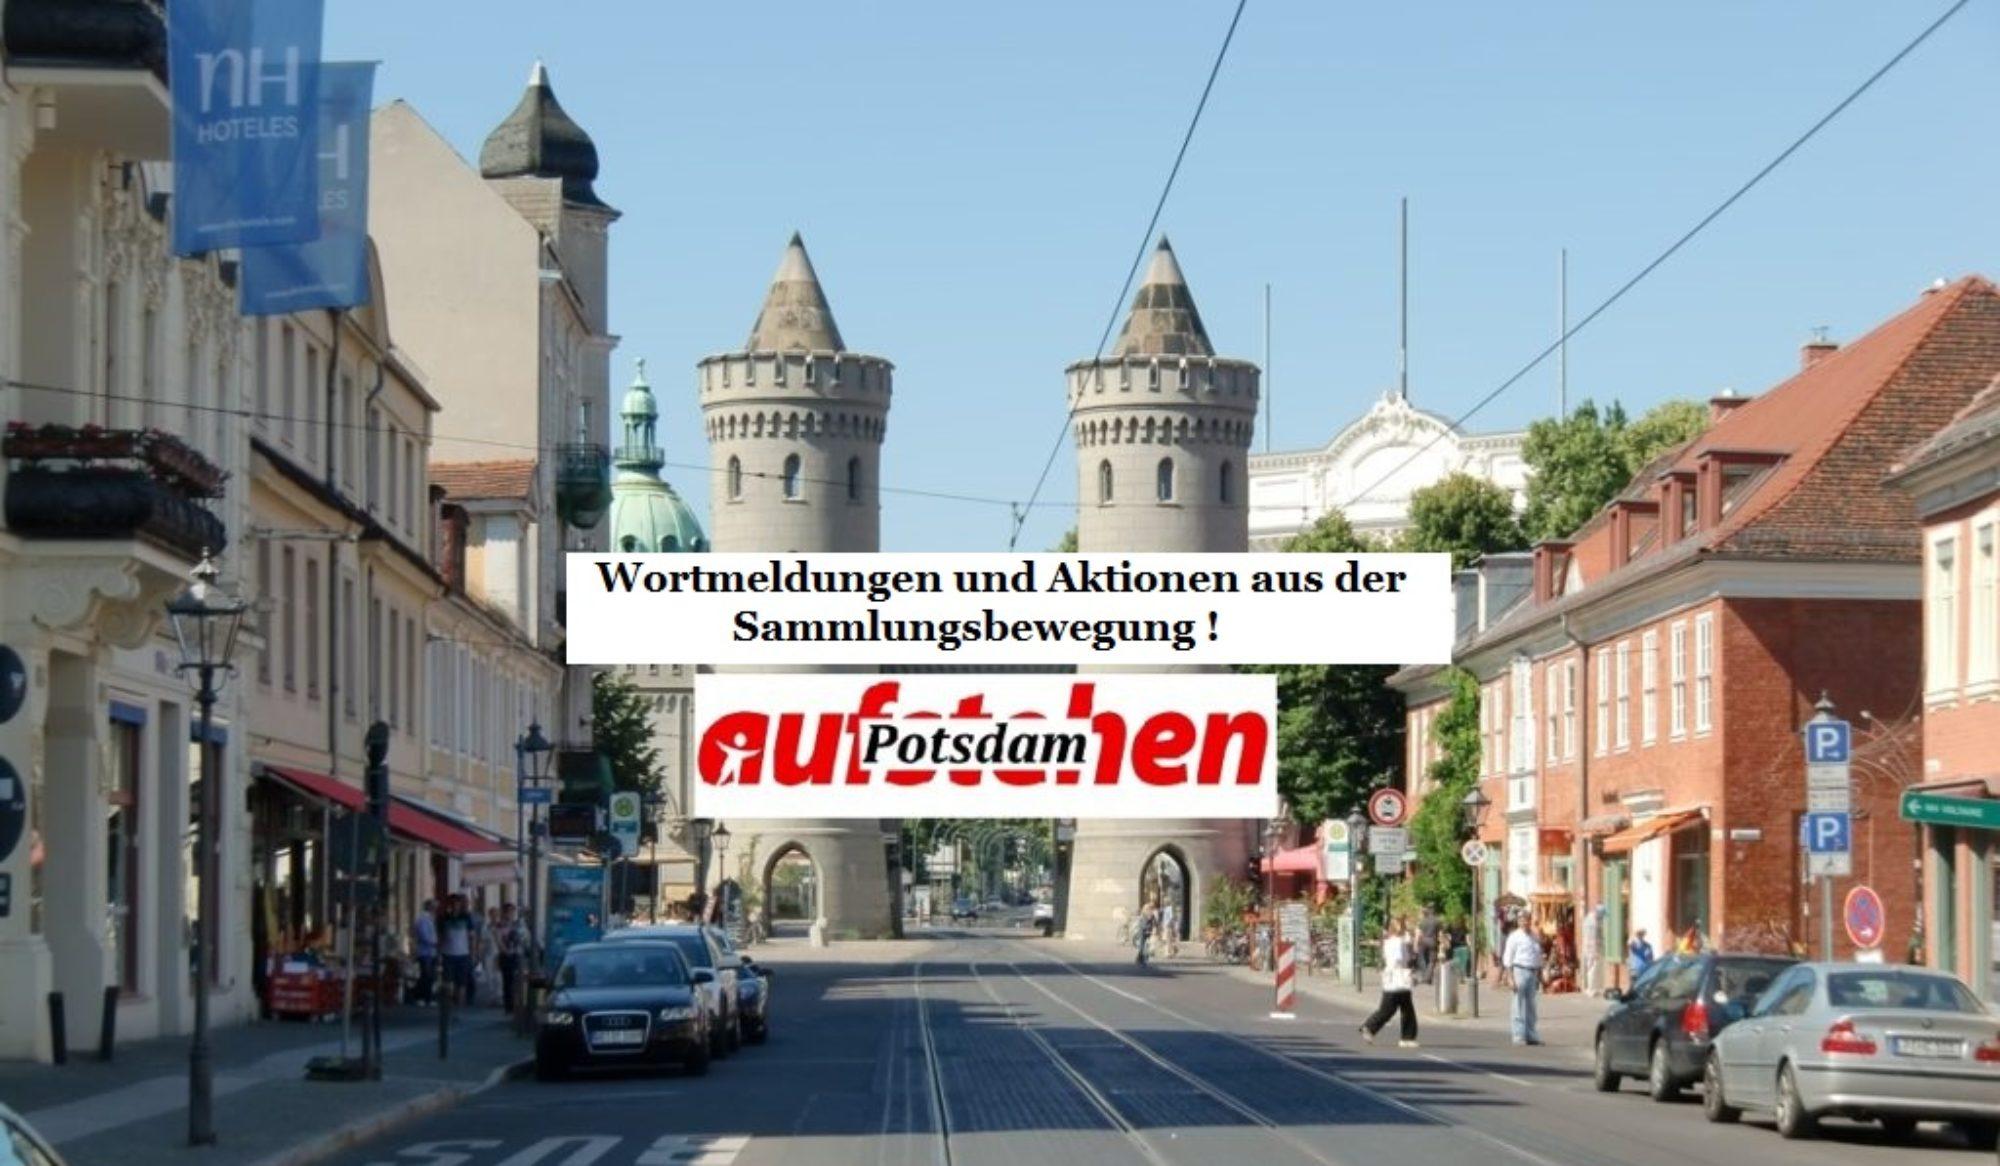 Wortmeldungen aus Potsdam ! Aufstehen wäre gut